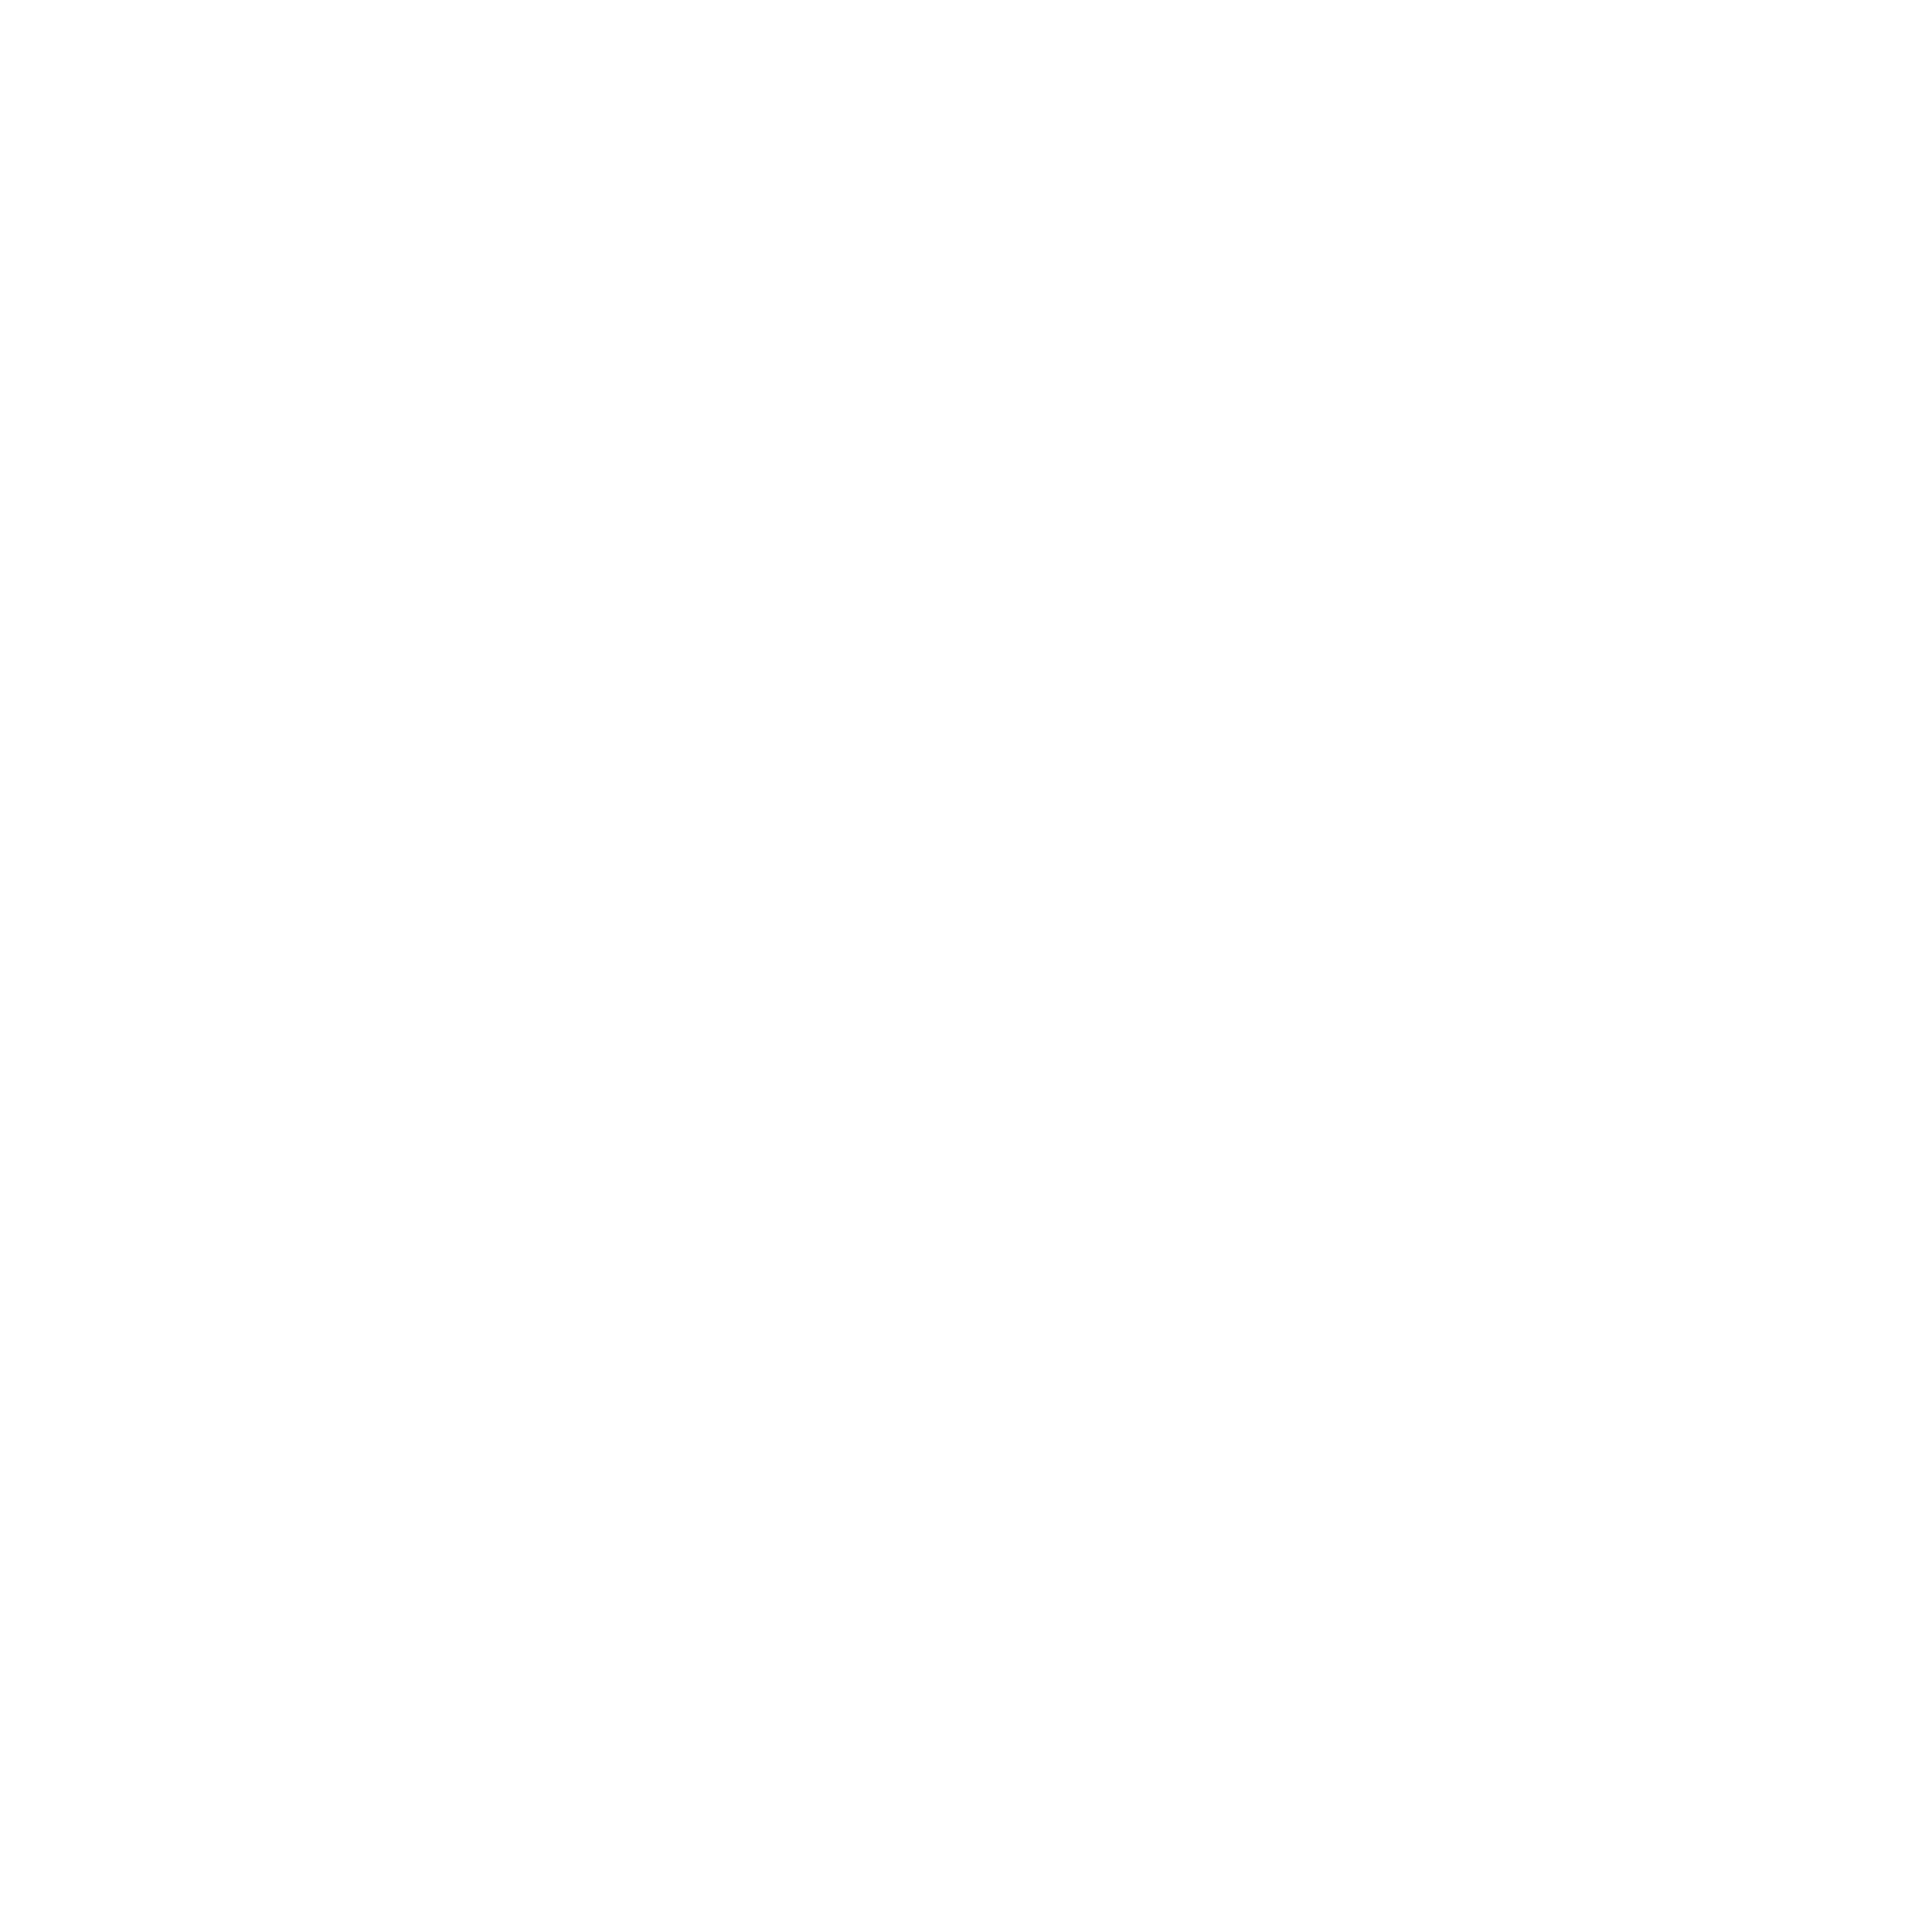 quattro-02